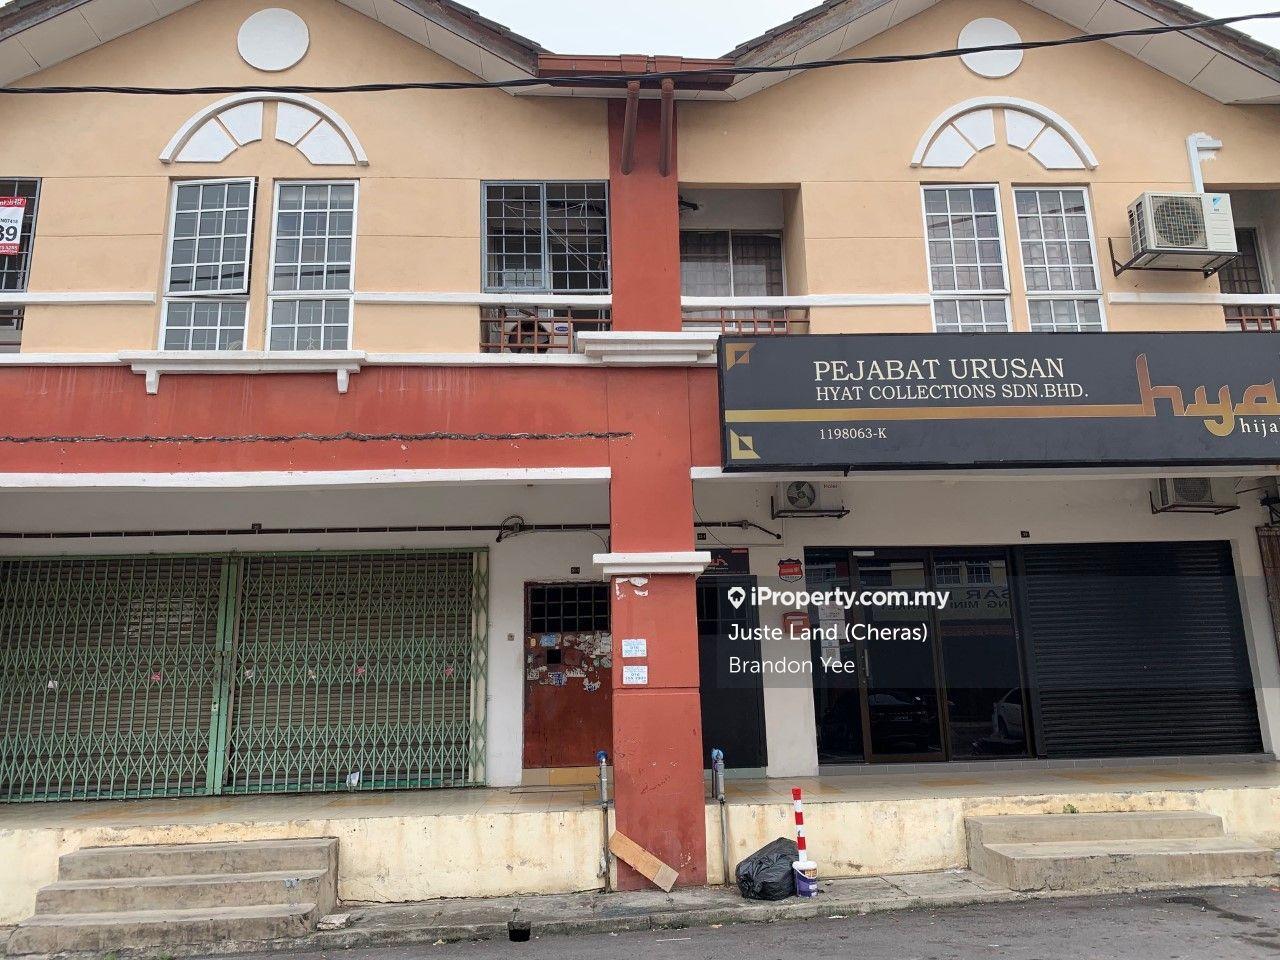 Shop Taman Putra Budiman, Serdang, Balakong